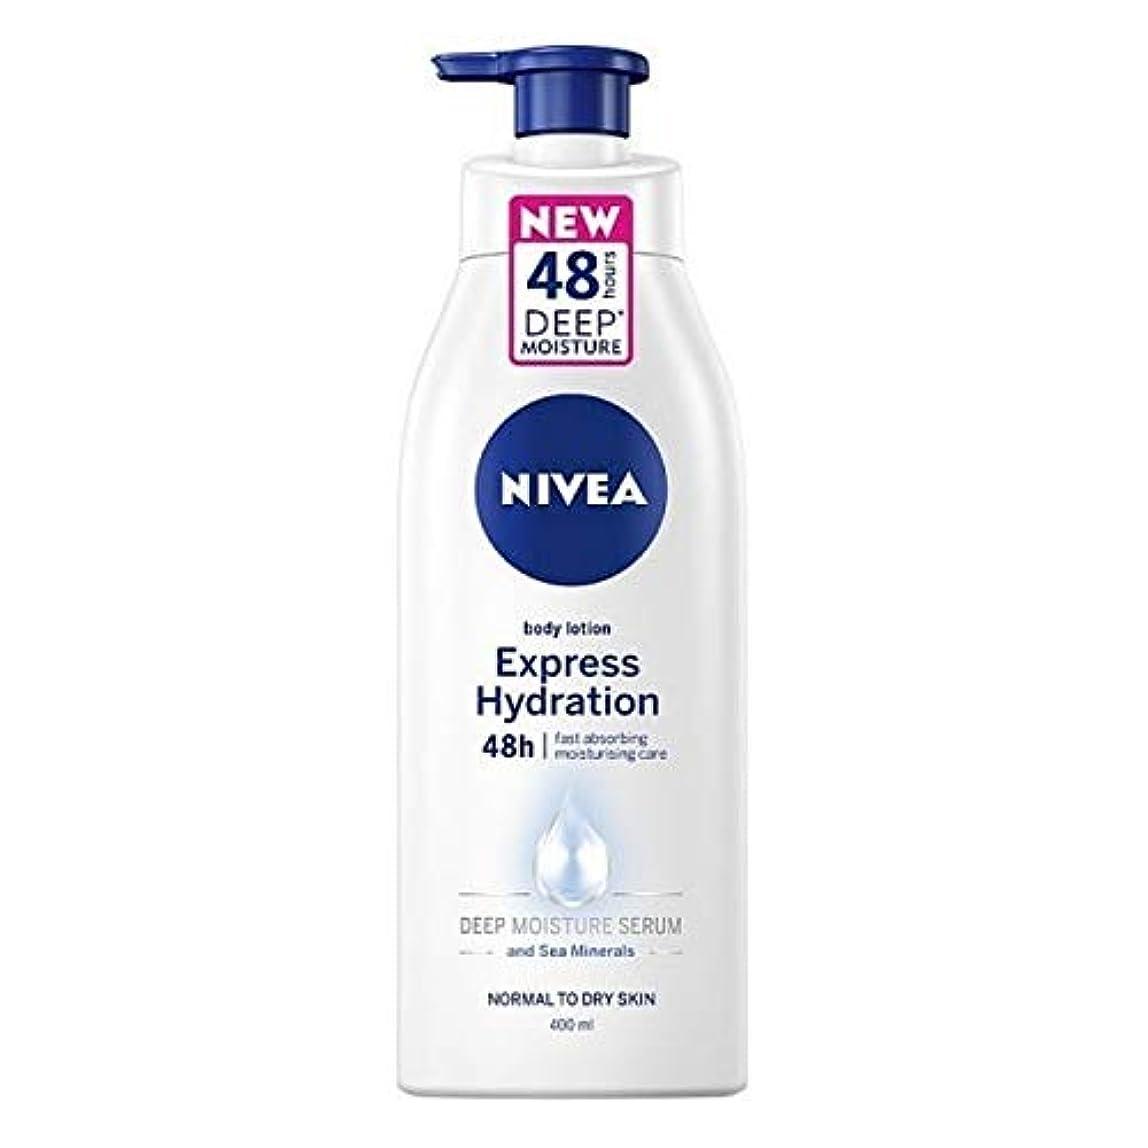 センサーフィットオープニング[Nivea ] 高速の急行水和ボディローション400ミリリットルを吸収ニベア - NIVEA Fast Absorbing Express Hydration Body Lotion 400ml [並行輸入品]